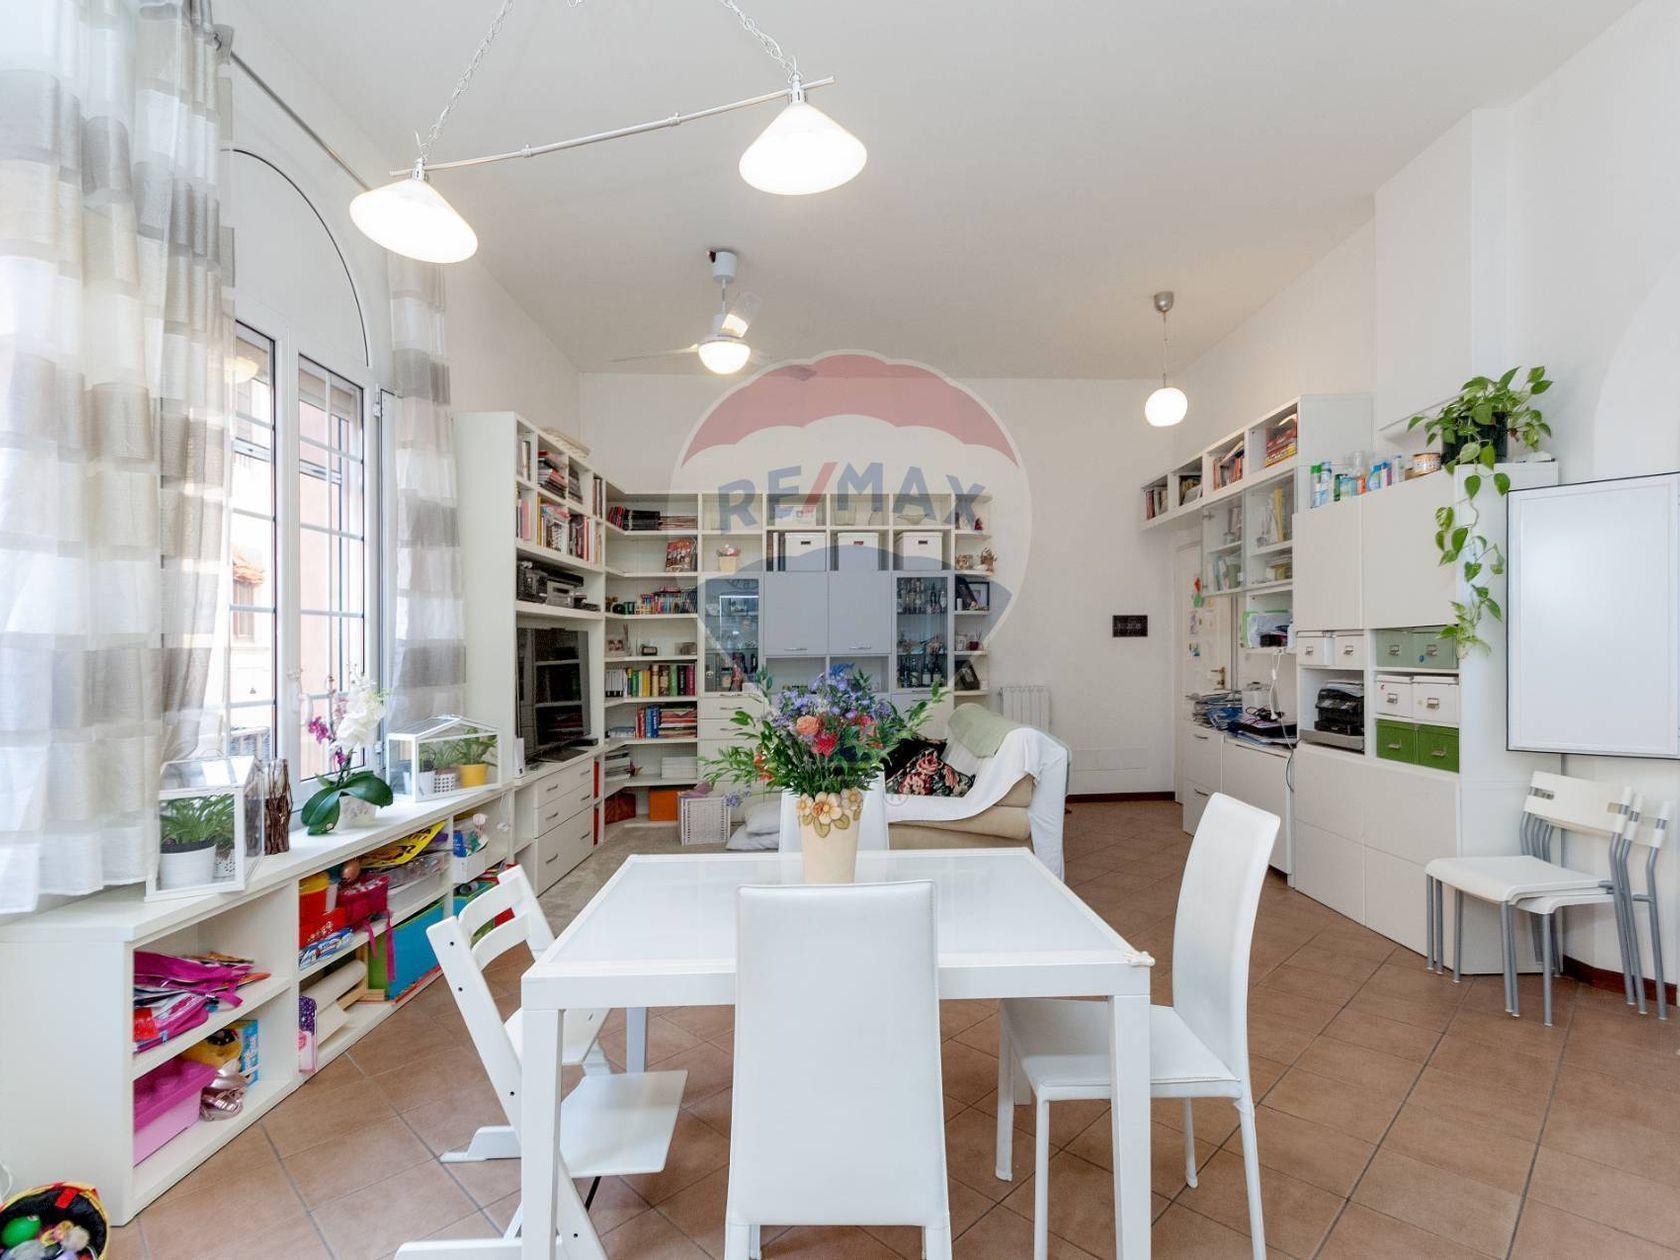 Appartamento Zona Centro Storico, San Giovanni in Persiceto, BO Vendita - Foto 11